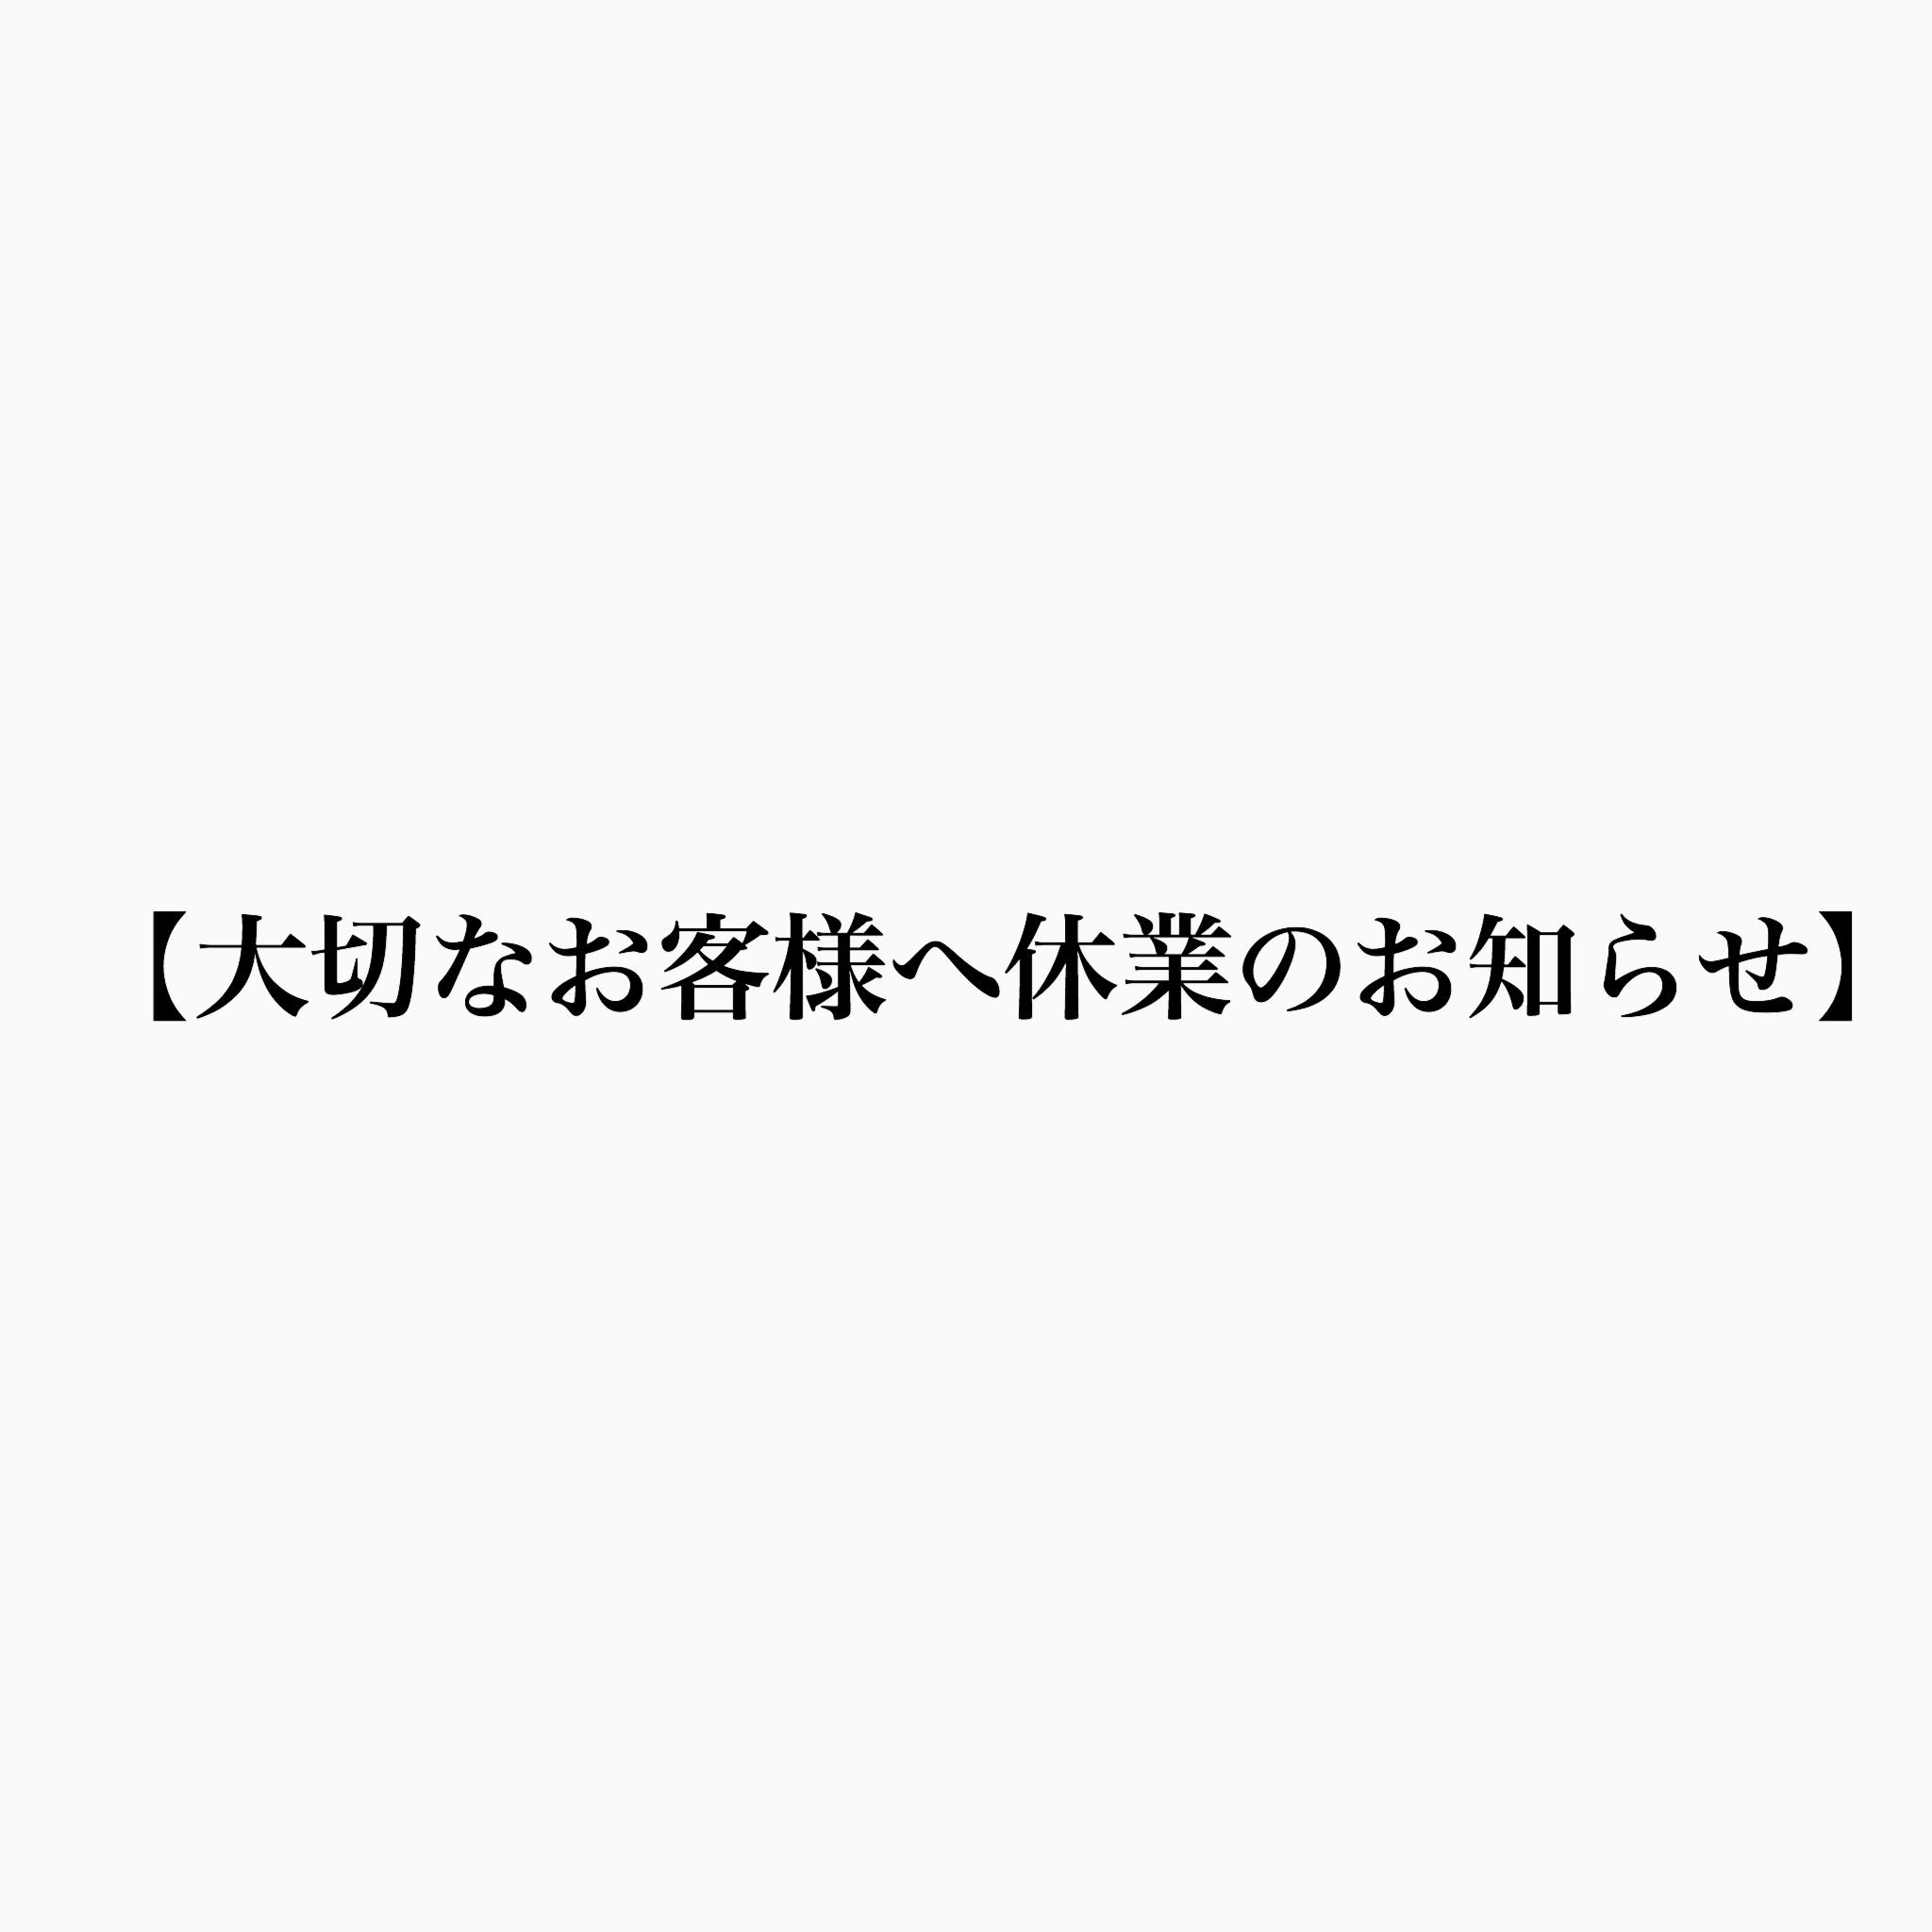 【大切なお客様へ休業のお知らせ】